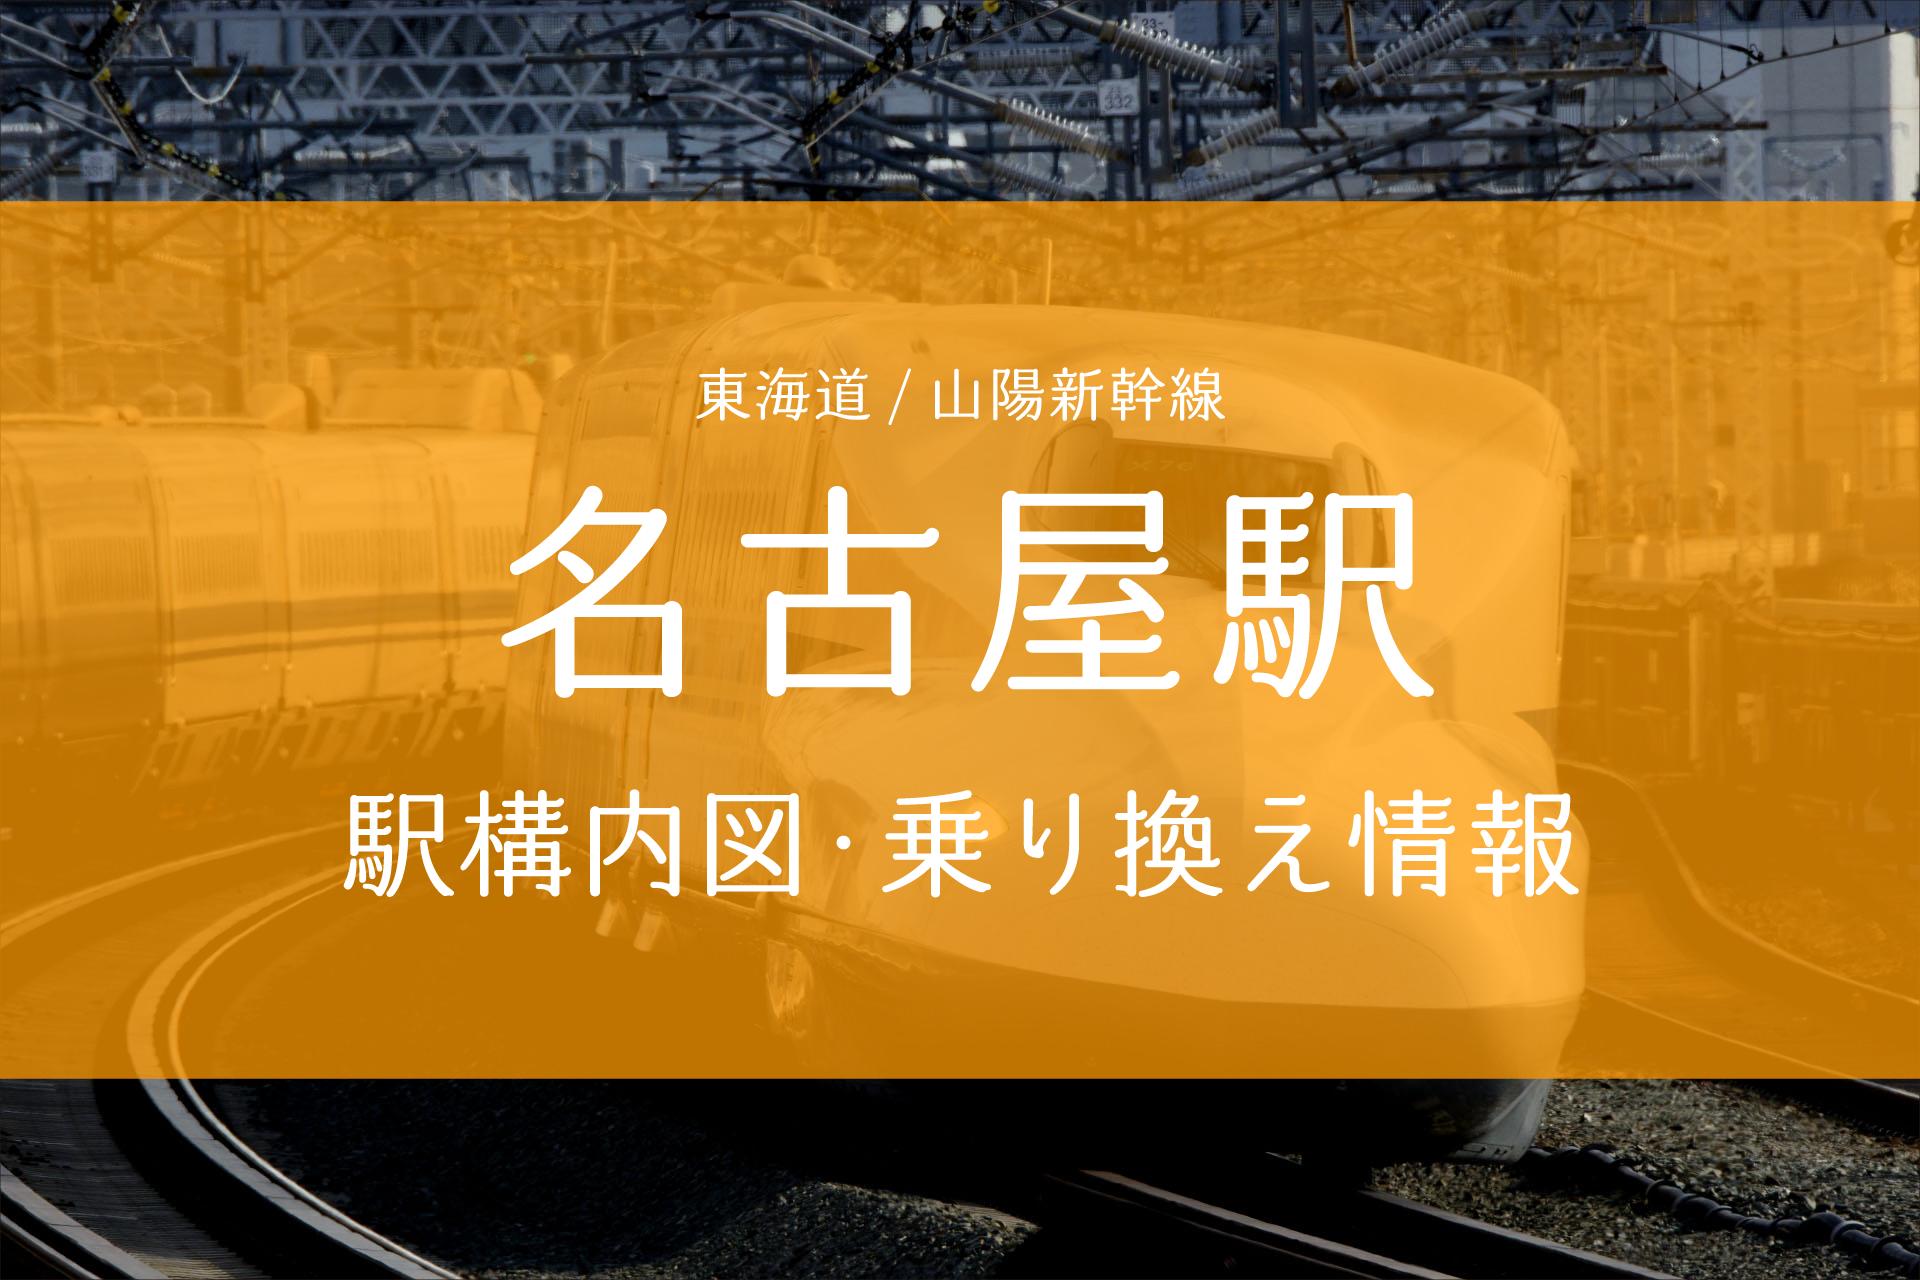 名古屋駅構内図・乗り換え情報